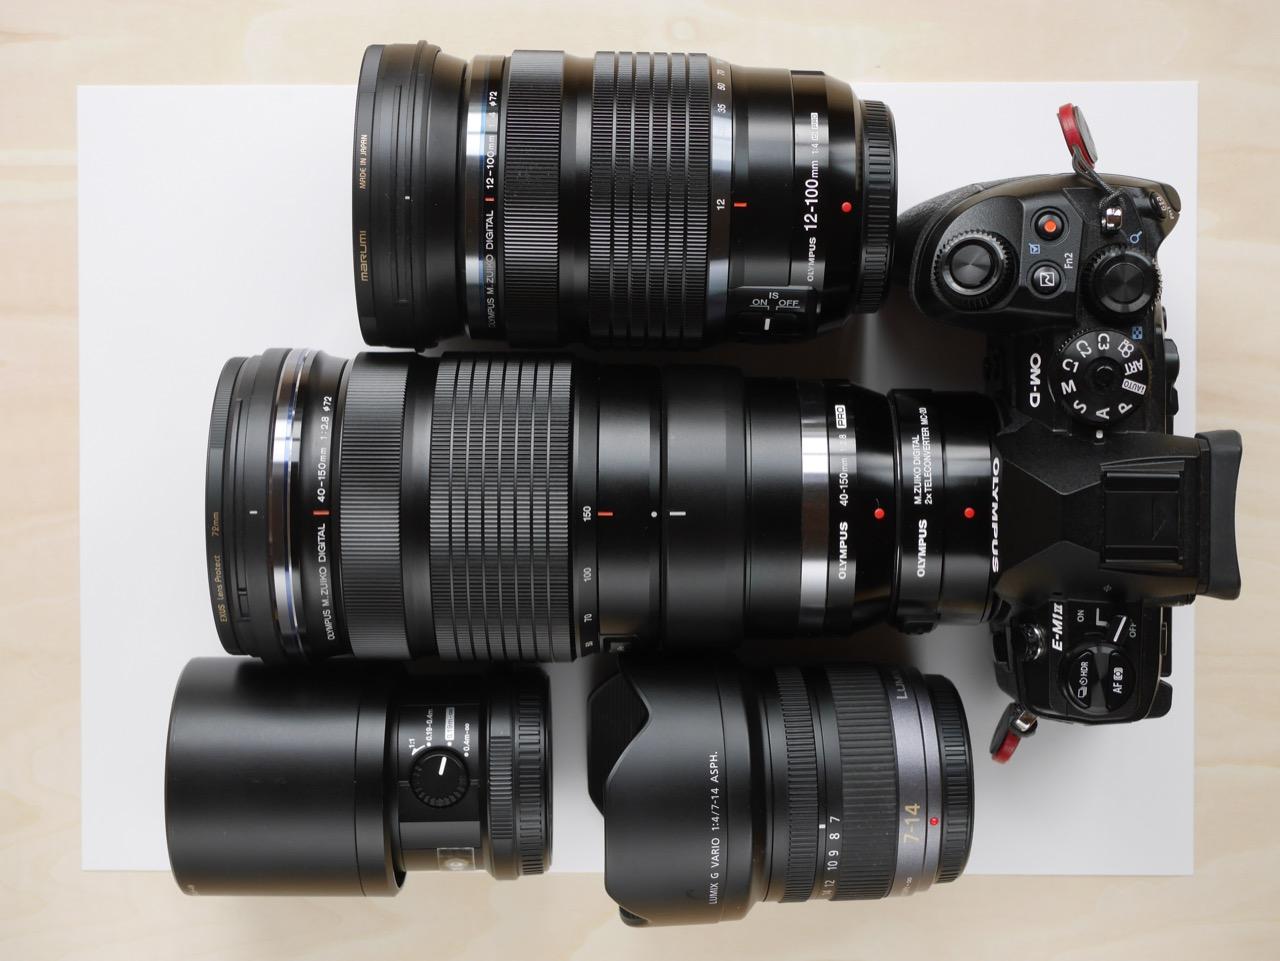 A4一枚に収まる全撮影レンズシステム